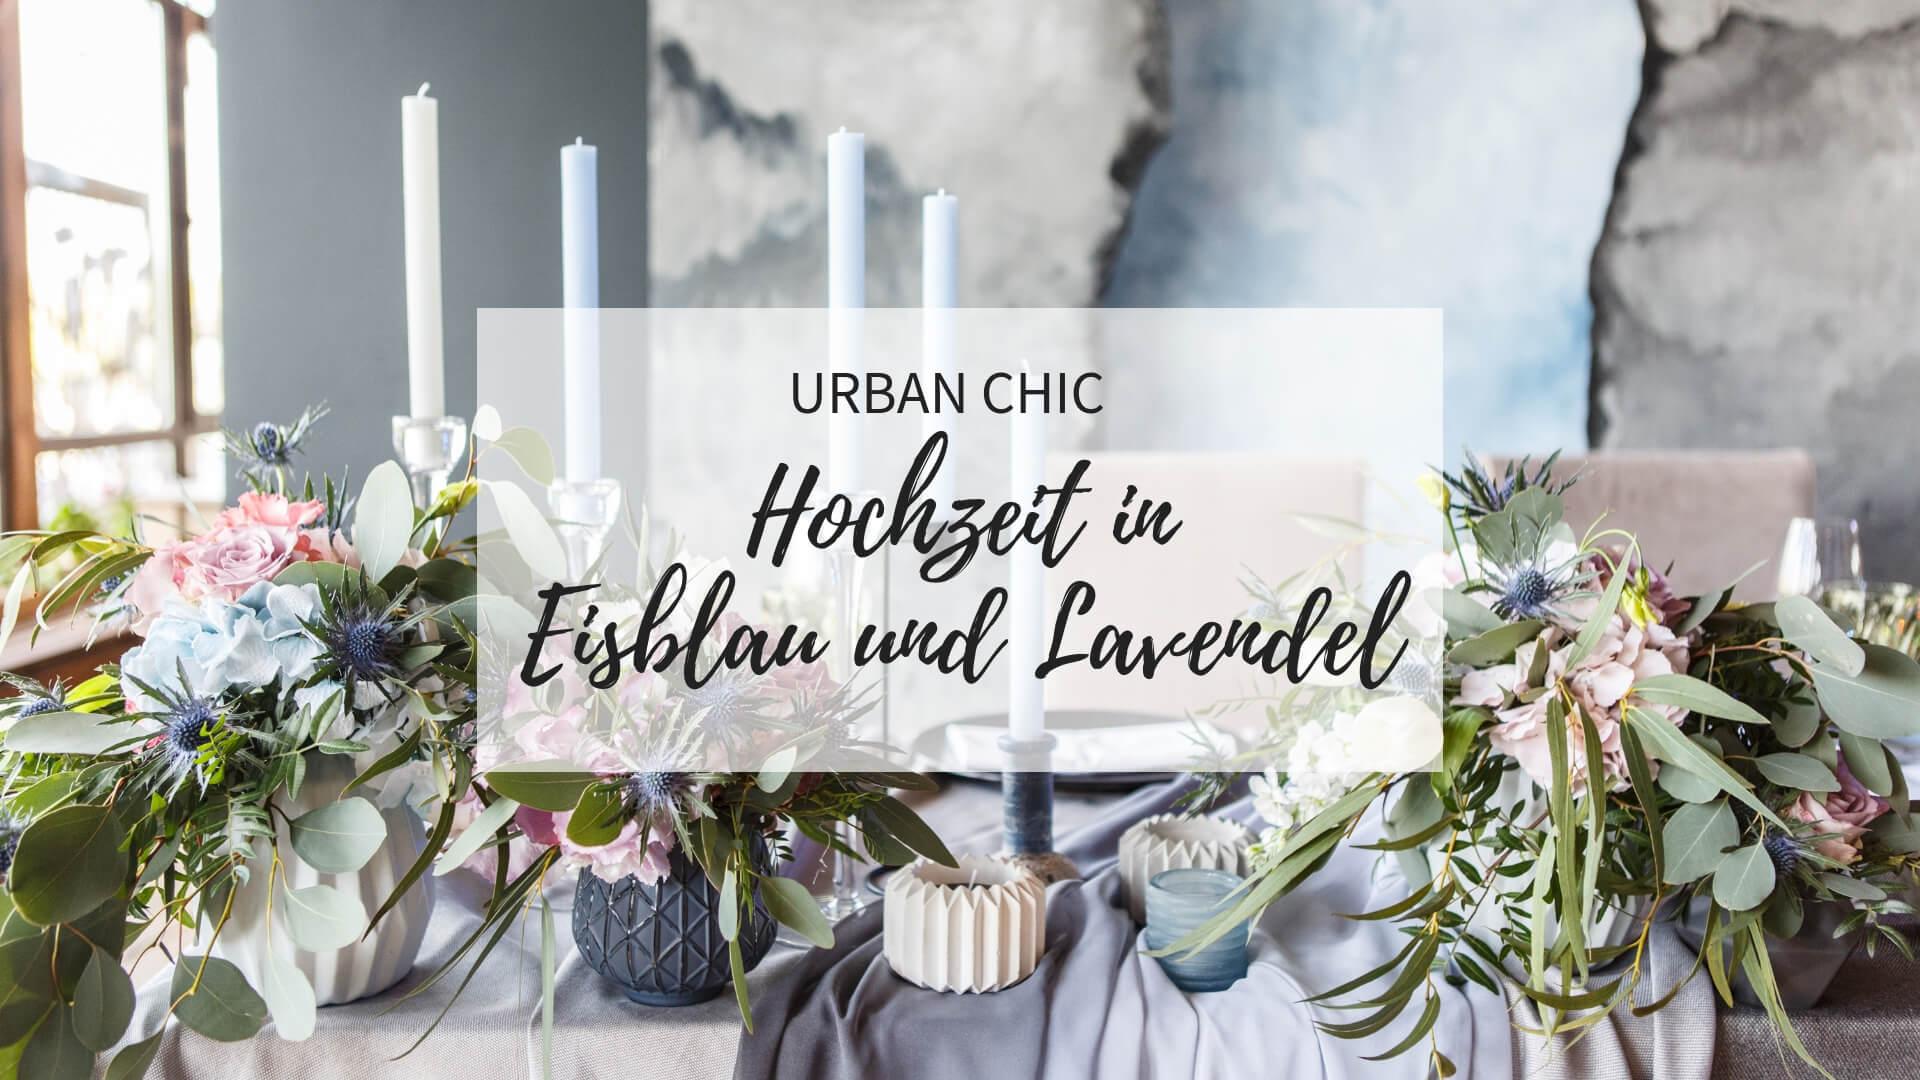 urban chic hochzeit, hochzeit lavendel, hochzeitsdeko lavendel, hochzeitsfarben lavendel blau, hochzeit eisblau, hochzeitsdeko blau